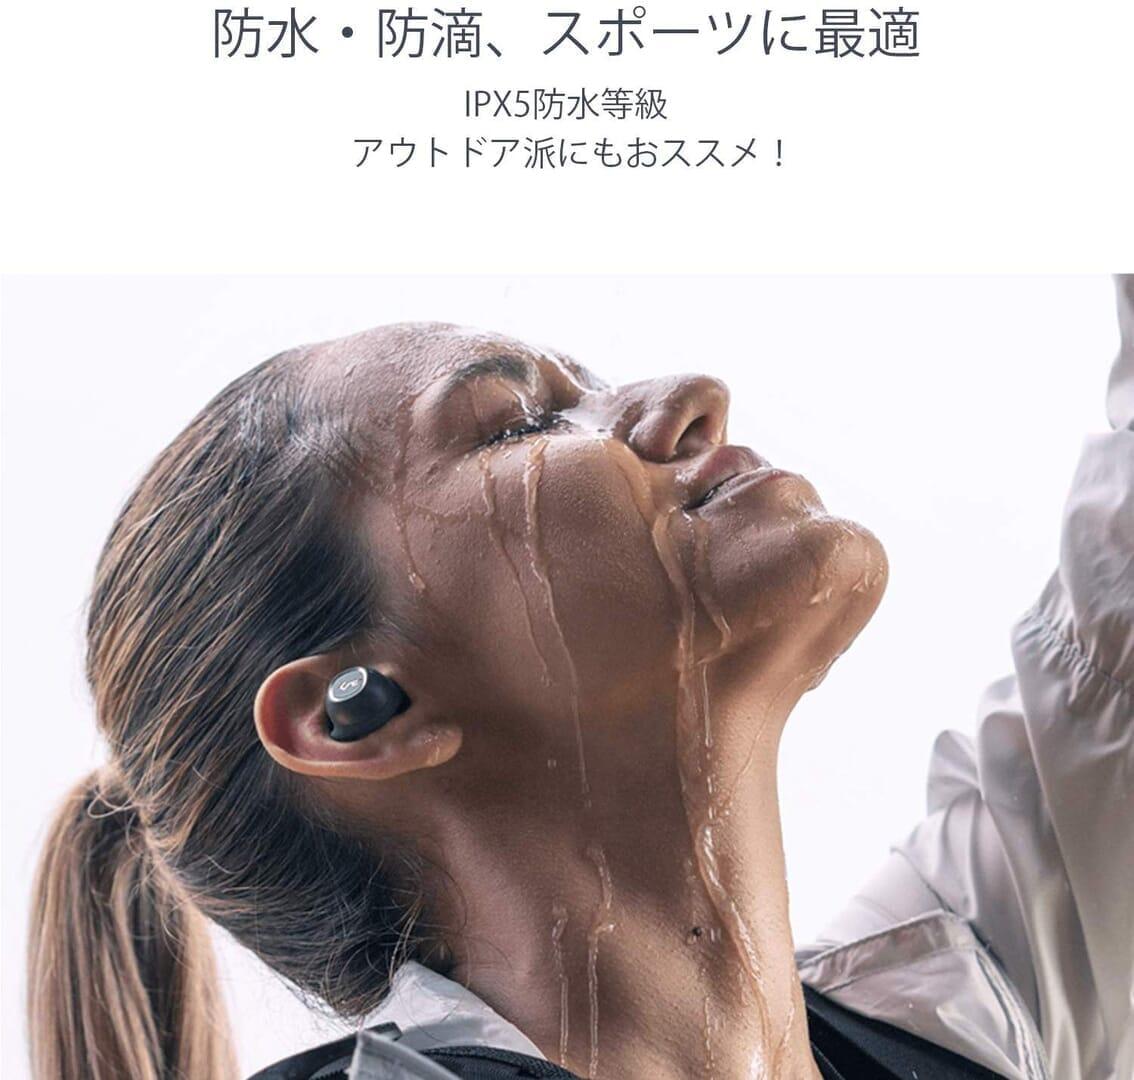 【Aukey BluetoothイヤホンEP-T10レビュー】2019年デザインアワード受賞!単独7時間再生&Qiワイヤレス充電対応のオーキー製完全ワイヤレスイヤホン|優れているポイント:IPX5等級の防水性能に対応